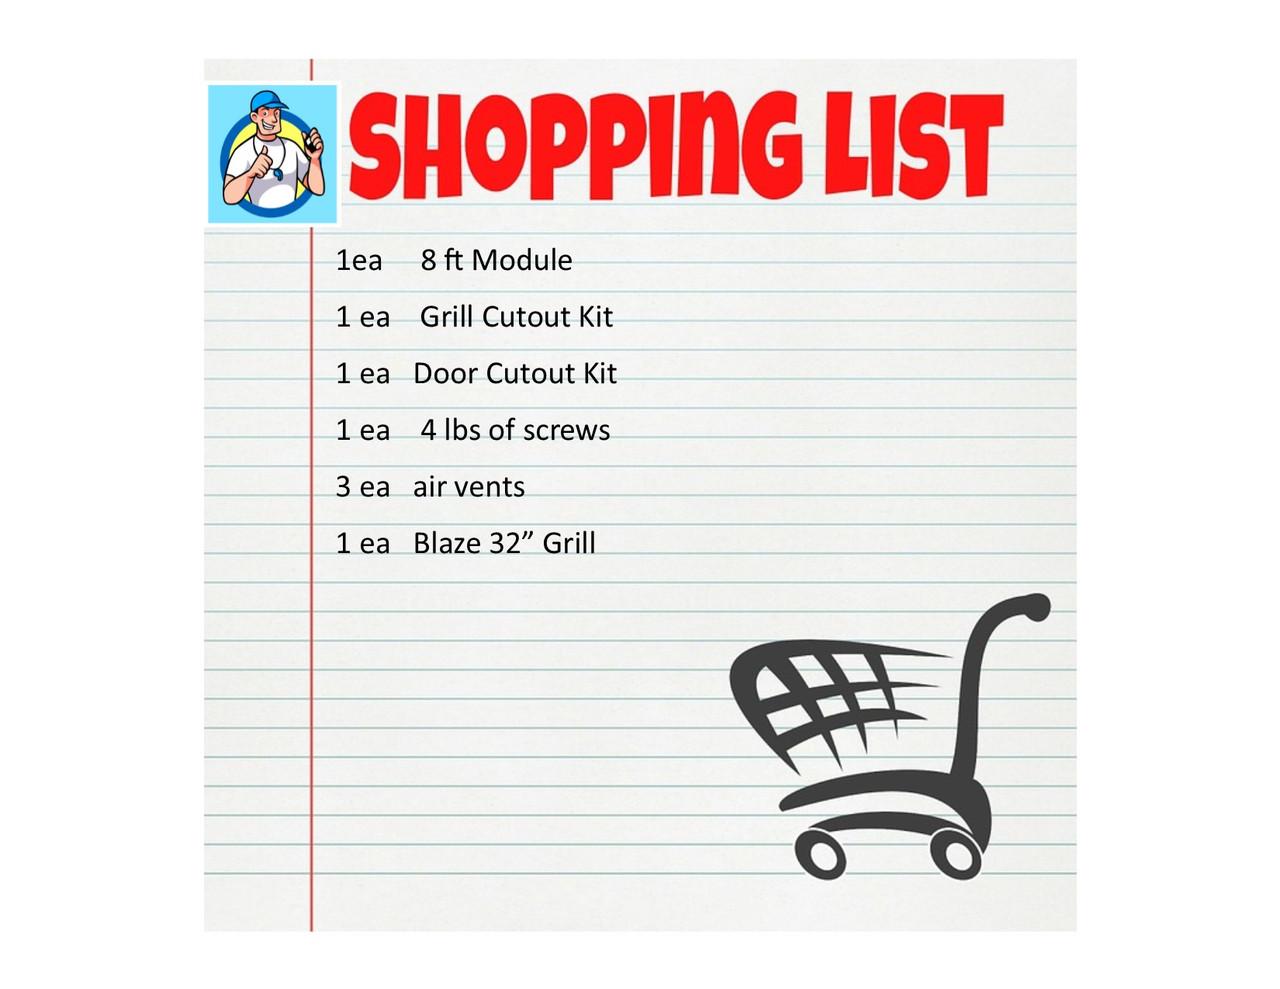 BBQ COACH Shopping List